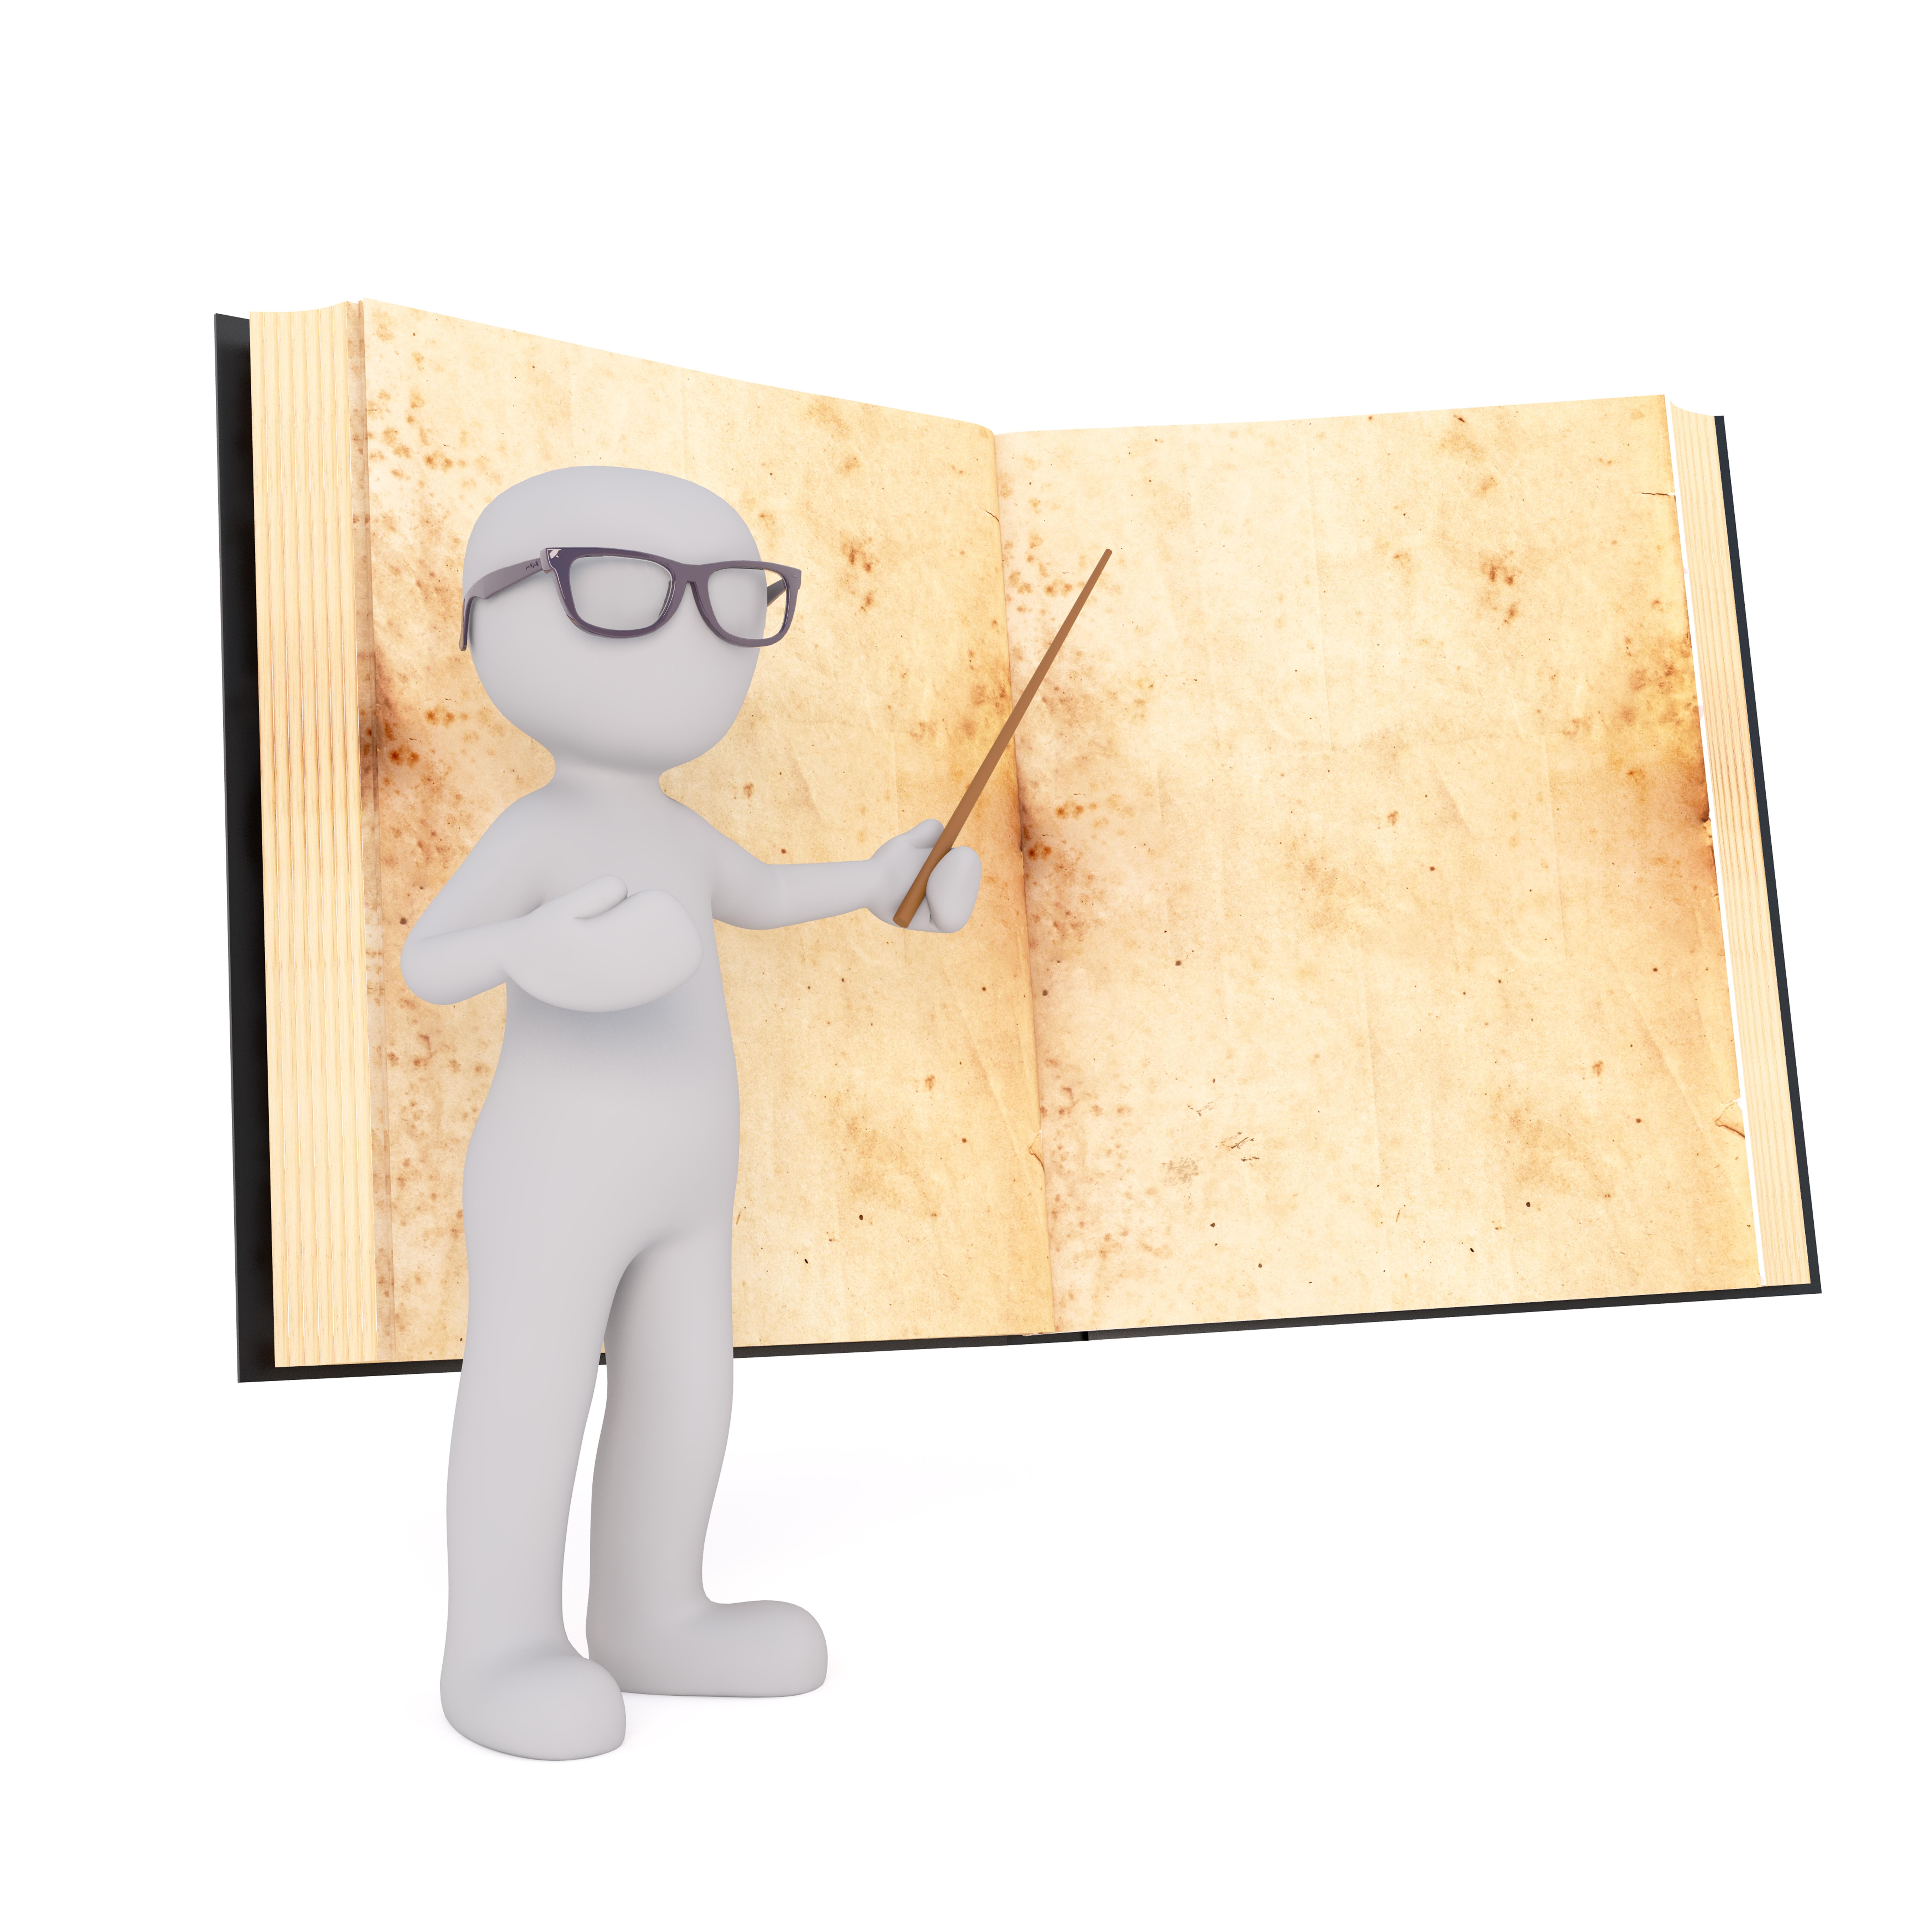 Gambar Book Terpencil Model Mebel Ilustrasi Guru Pengajaran